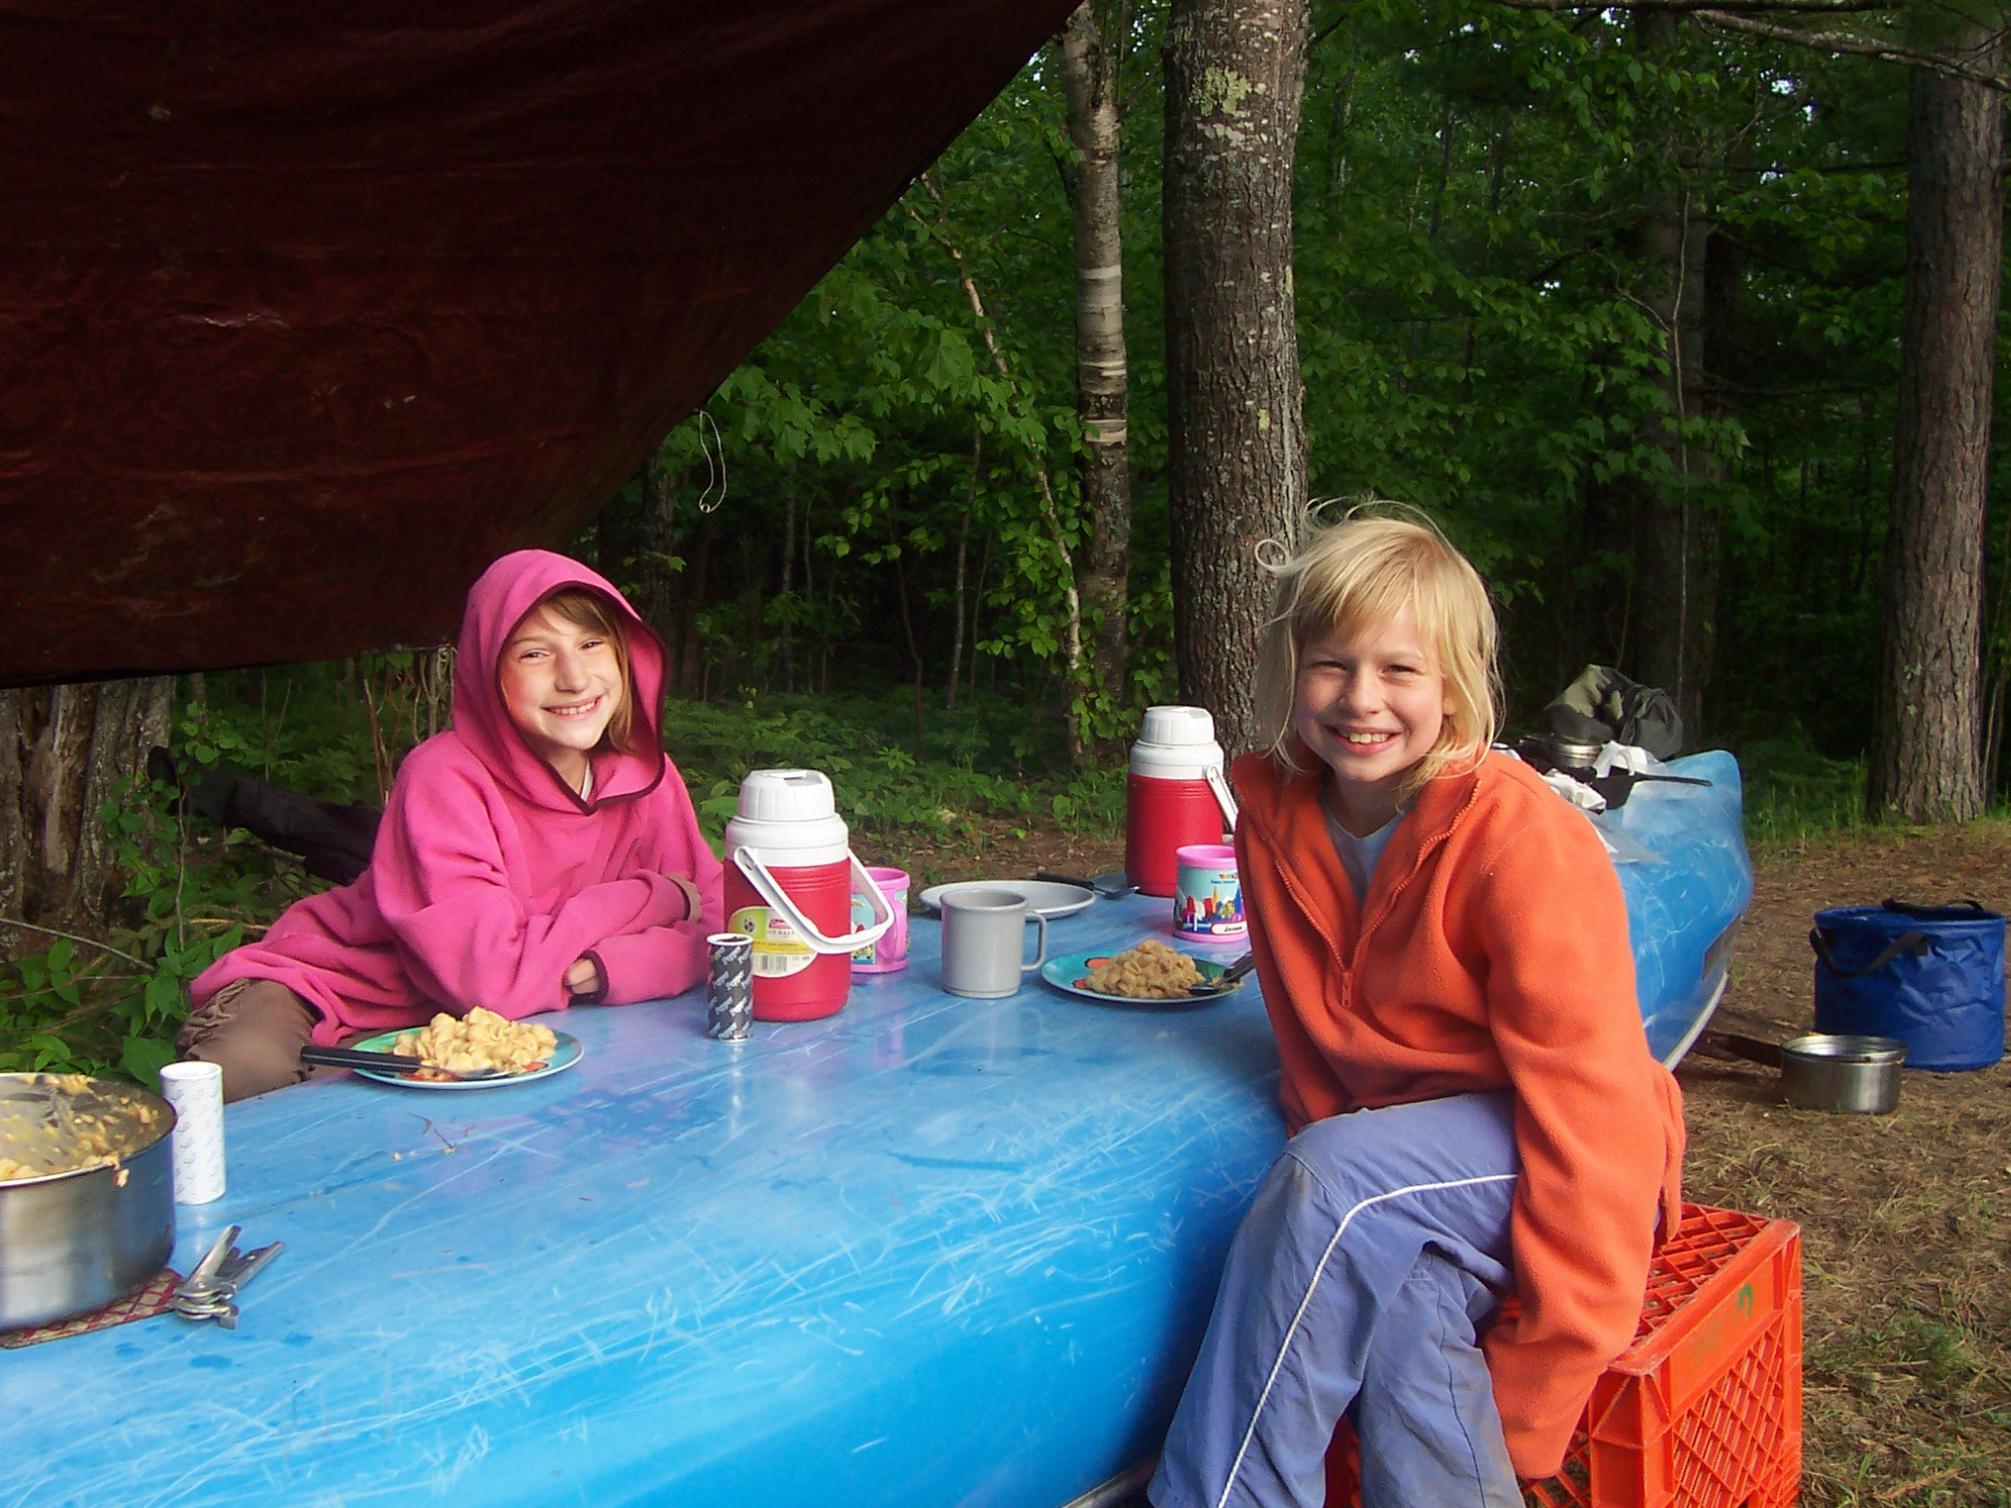 Lunch break along LIS - June 2008